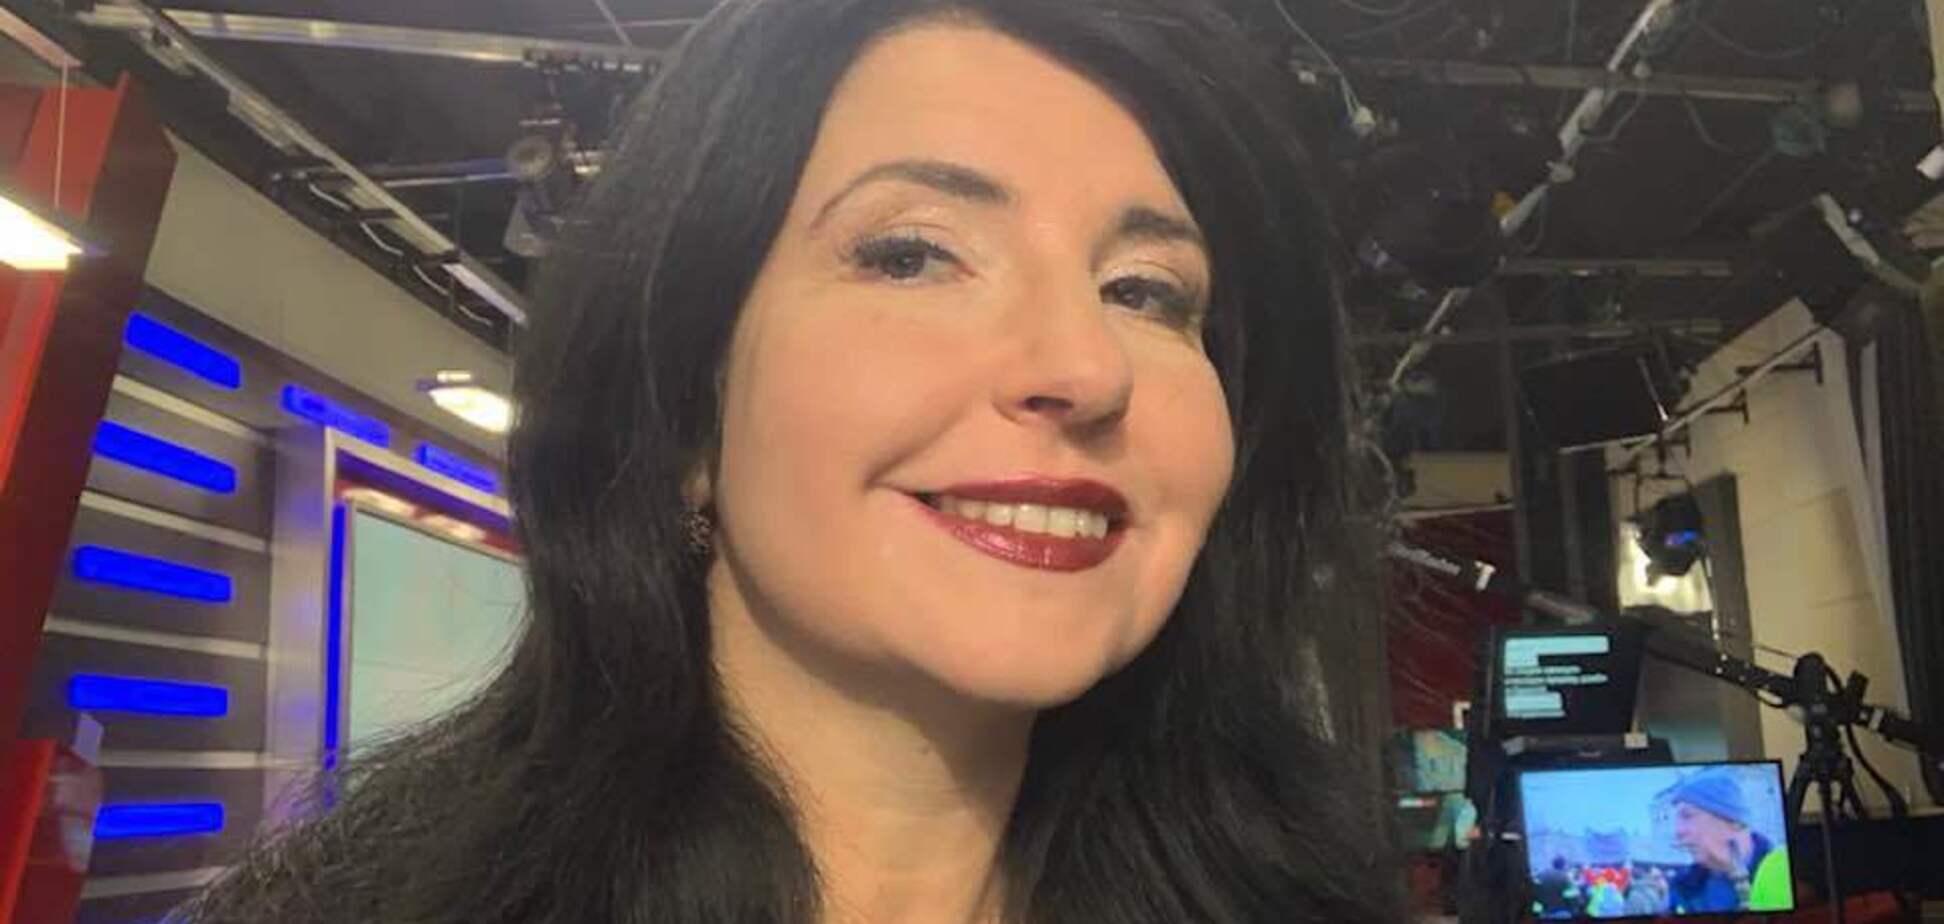 ''Ідіть звідси, вільні!'' Українську журналістку зі скандалом вигнали зі студії росТБ